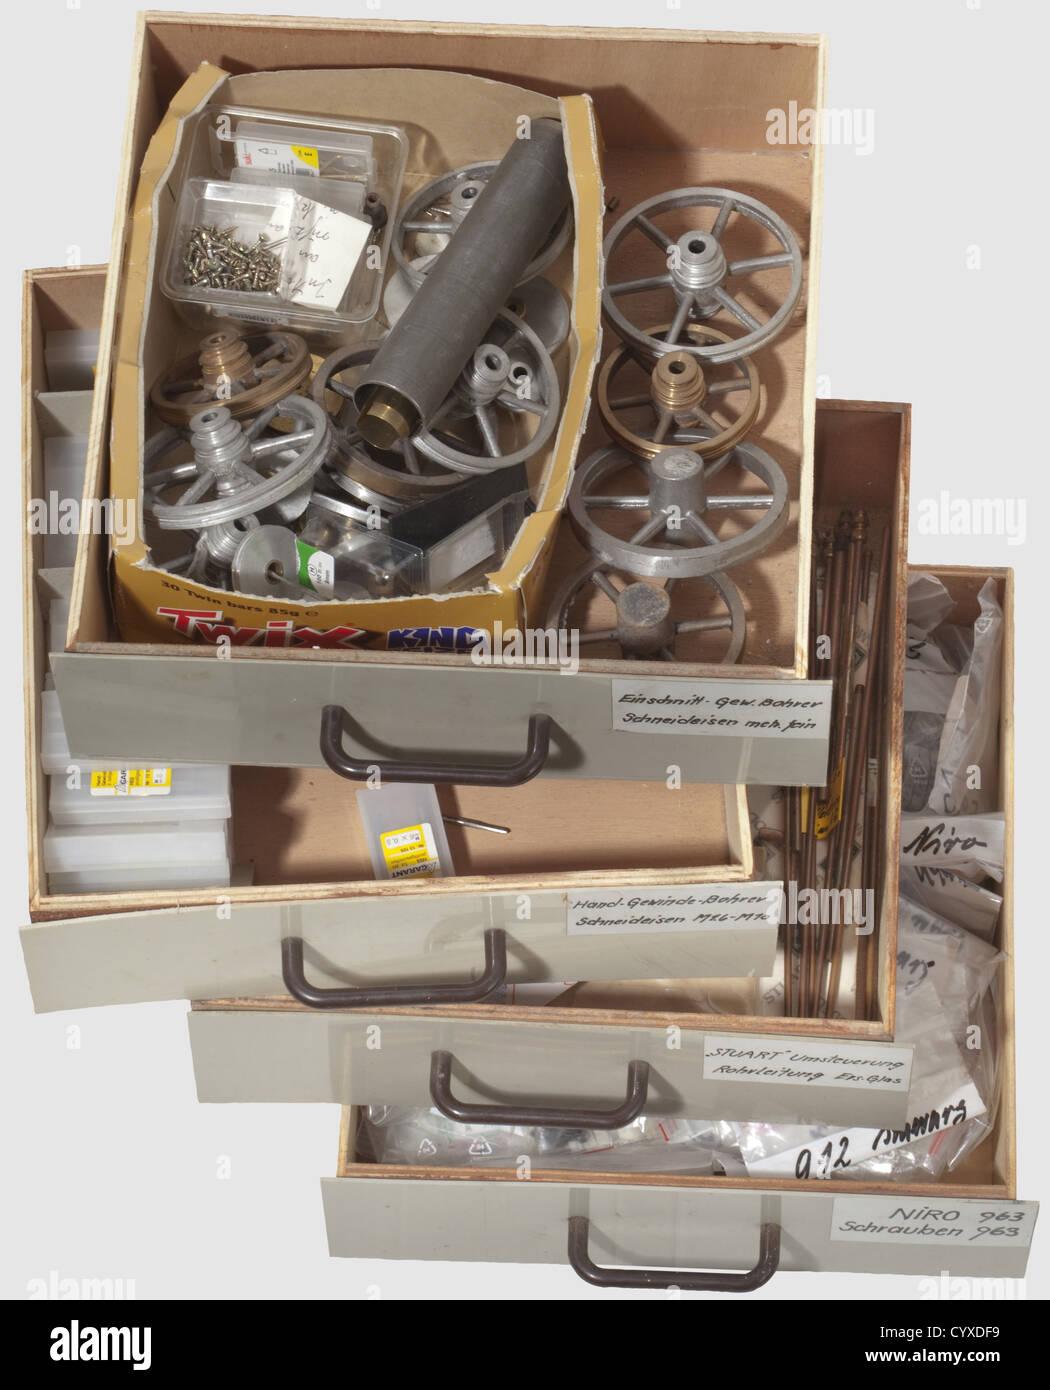 Un lote similar como antes, cuatro bandejas, histórico, histórico del siglo XX, la máquina de vapor, Imagen De Stock